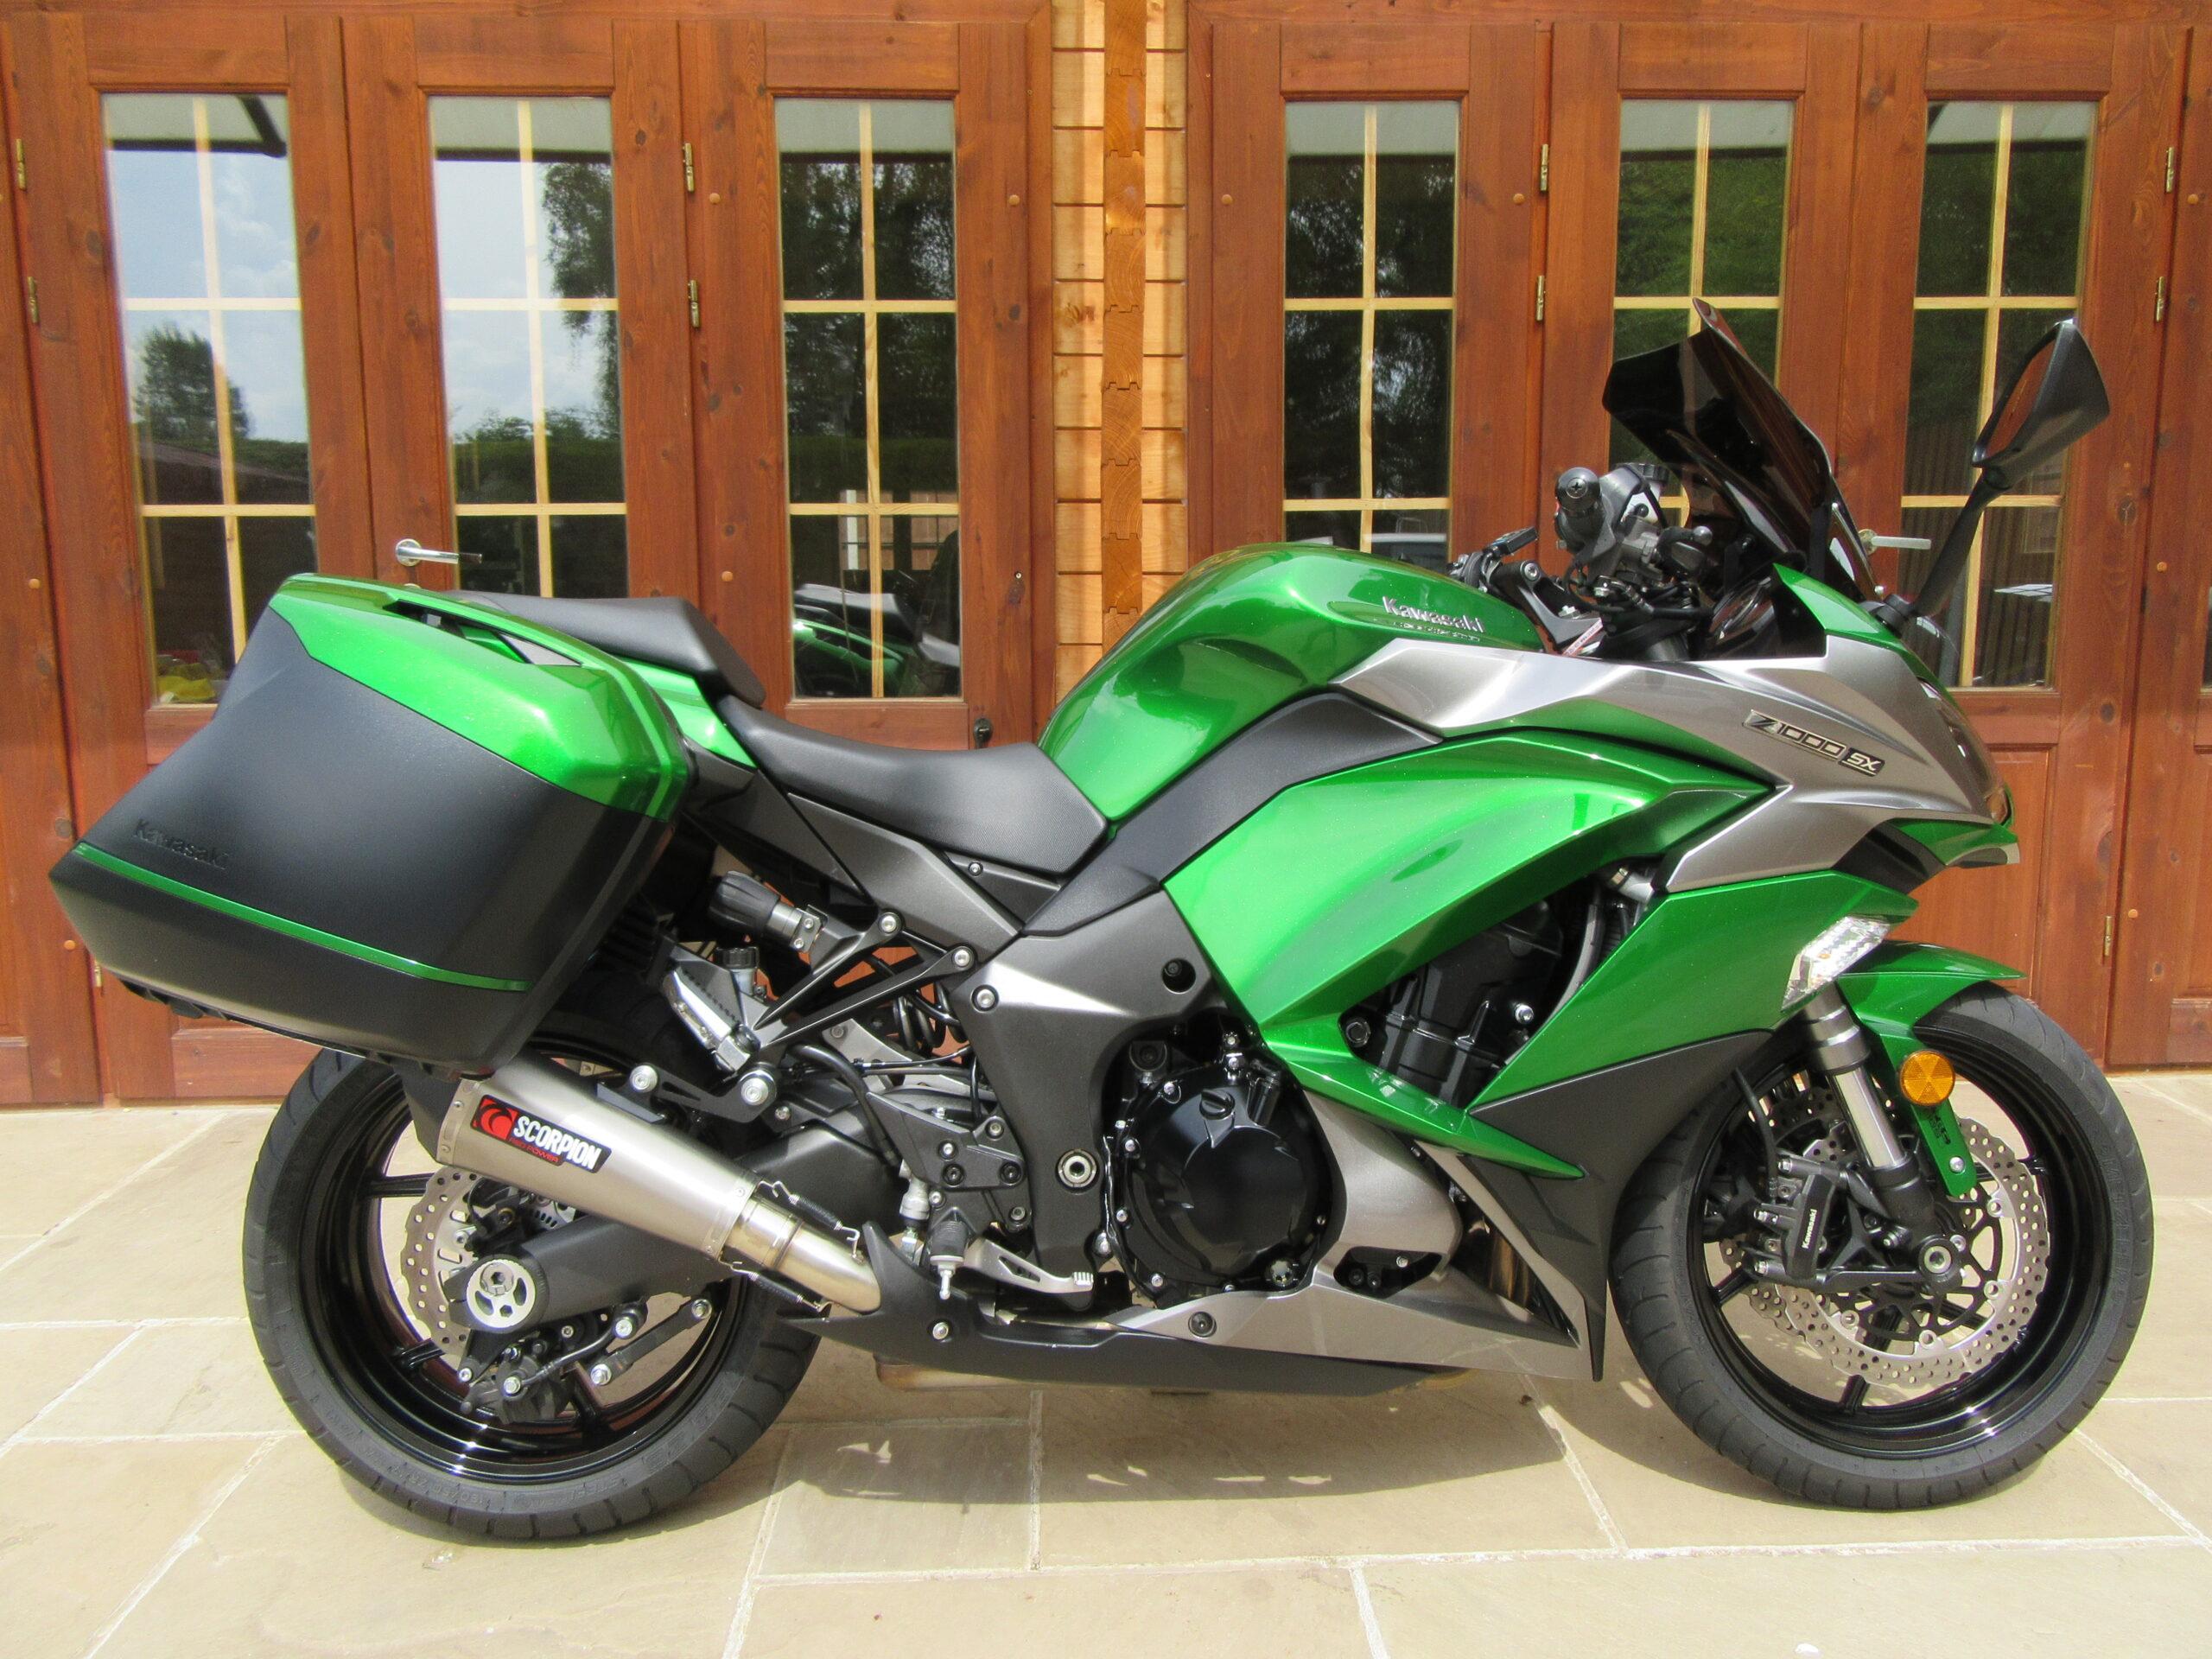 Kawasaki Z1000 SX Tourer – Only 4350 Miles, SORRY – NOW SOLD!!